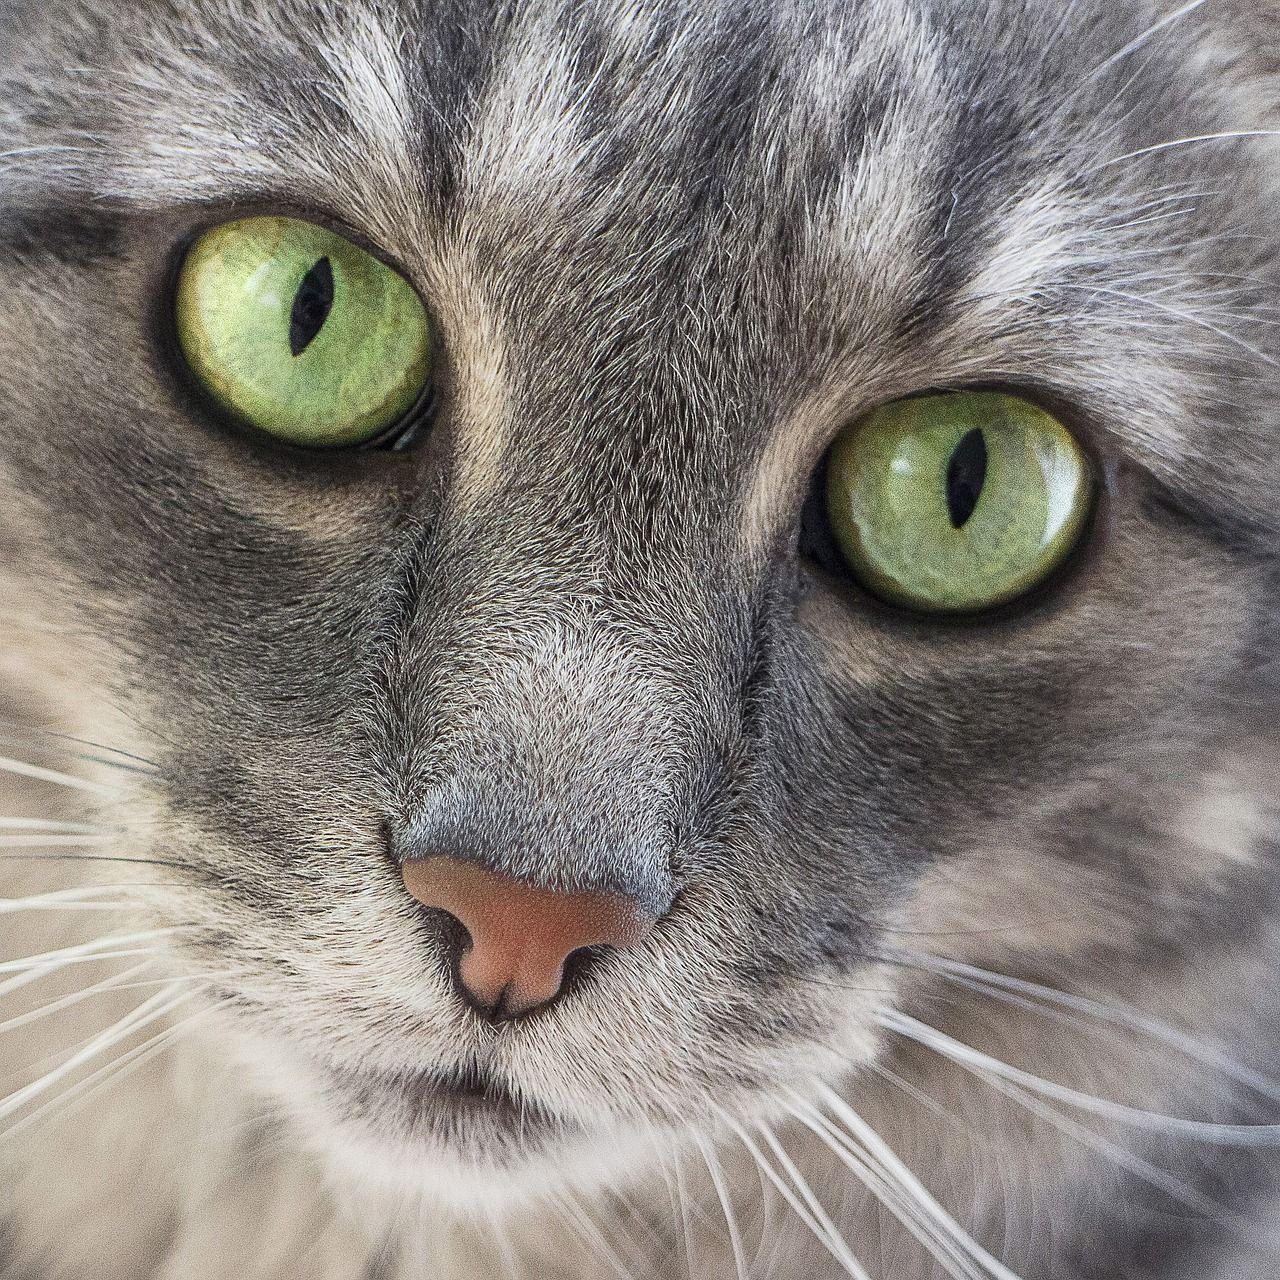 Obraz Zdarma Na Pixabay Kocka Zelene Oci Roztomily Hlava Green Eyes Cats Animals